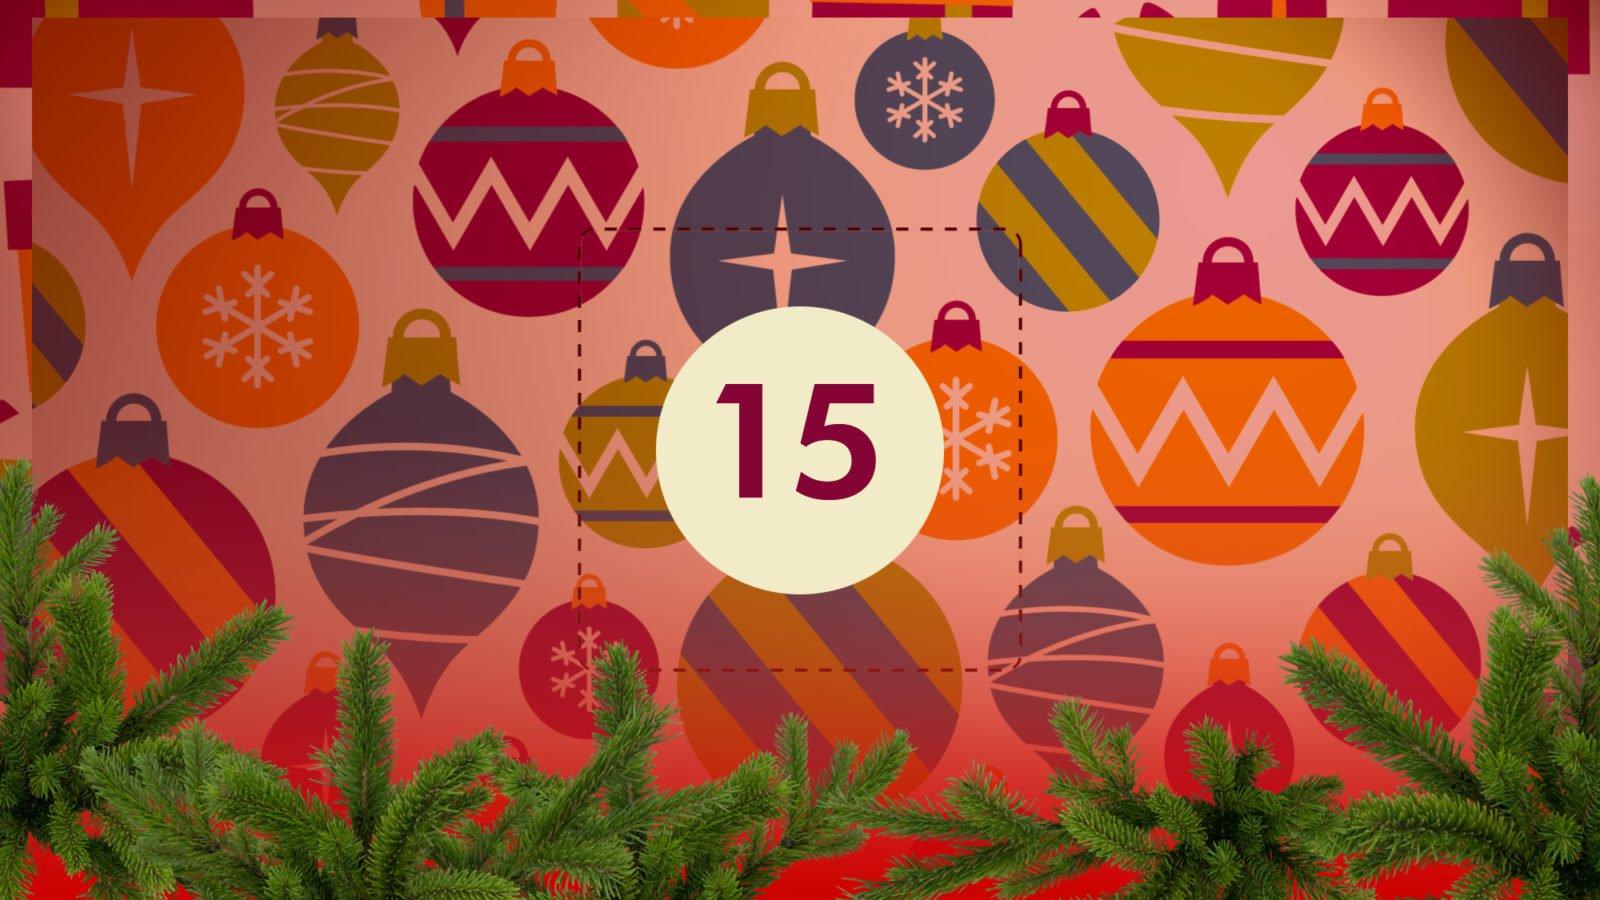 Grafik: Bunter Weihnachtsschmuck, in der Bildmitte die Zahl 15